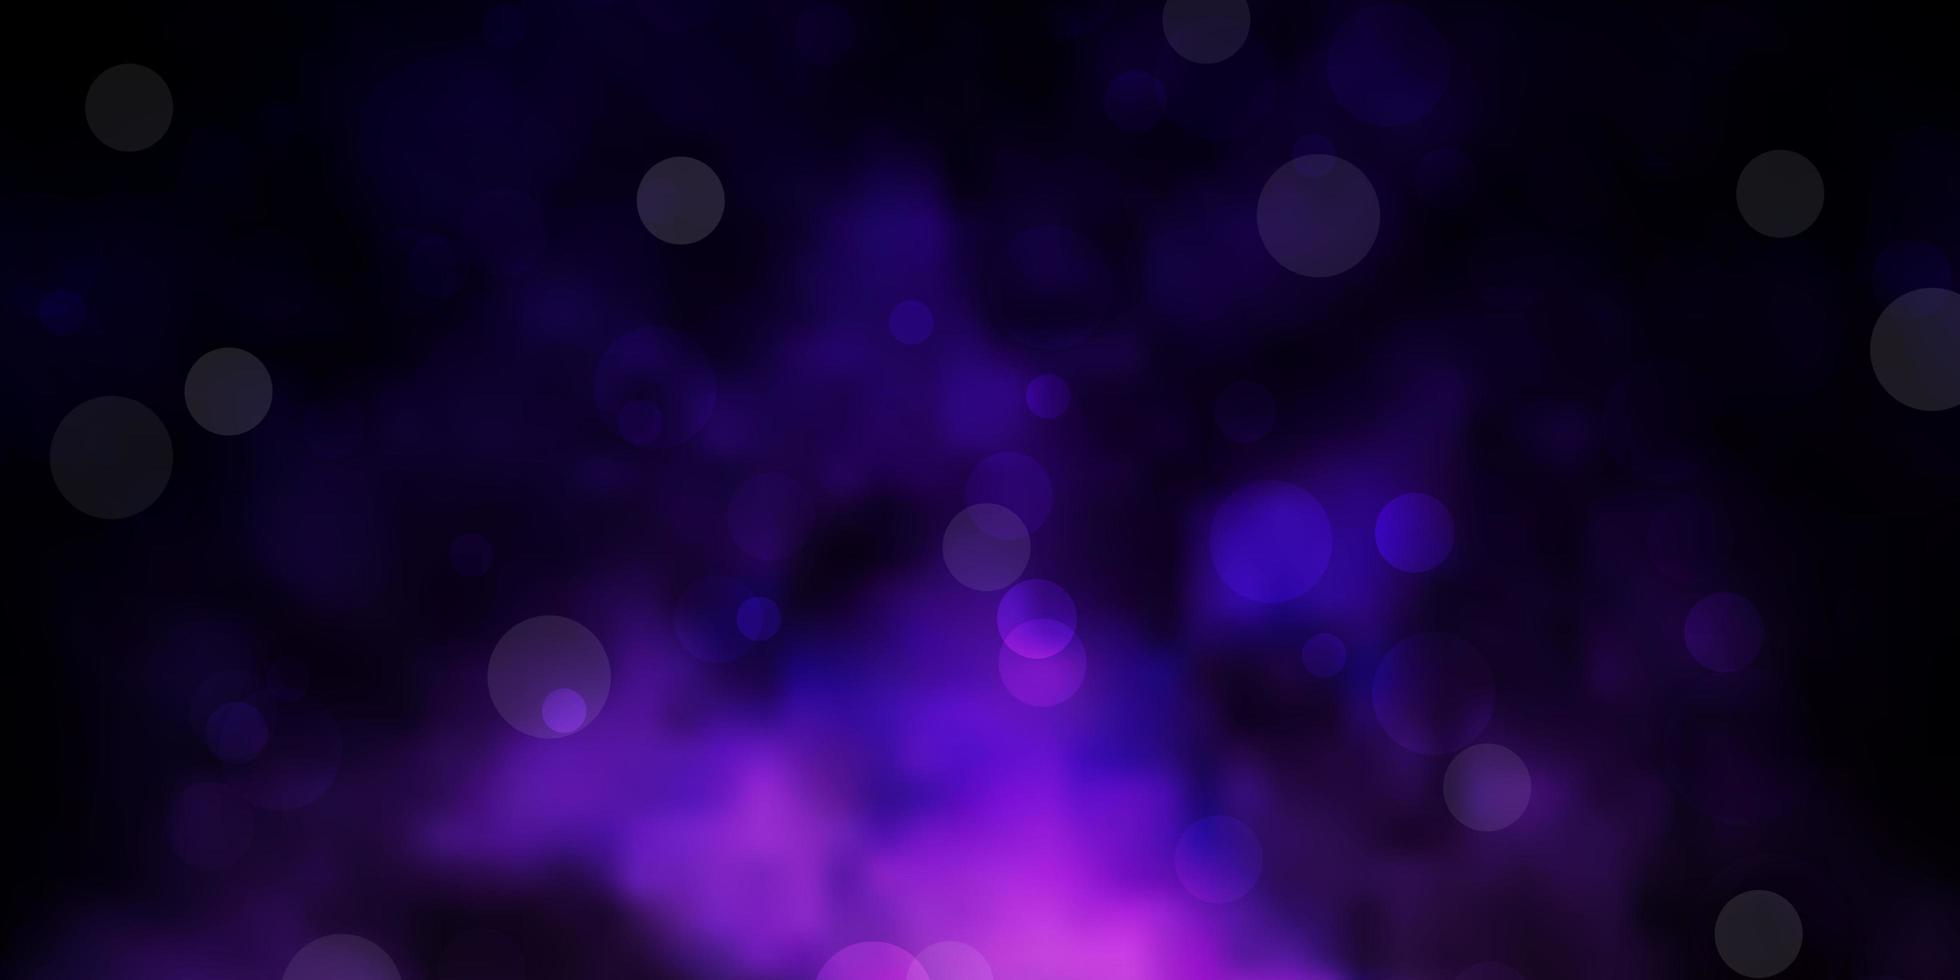 dunkelvioletter Vektorhintergrund mit Kreisen. vektor